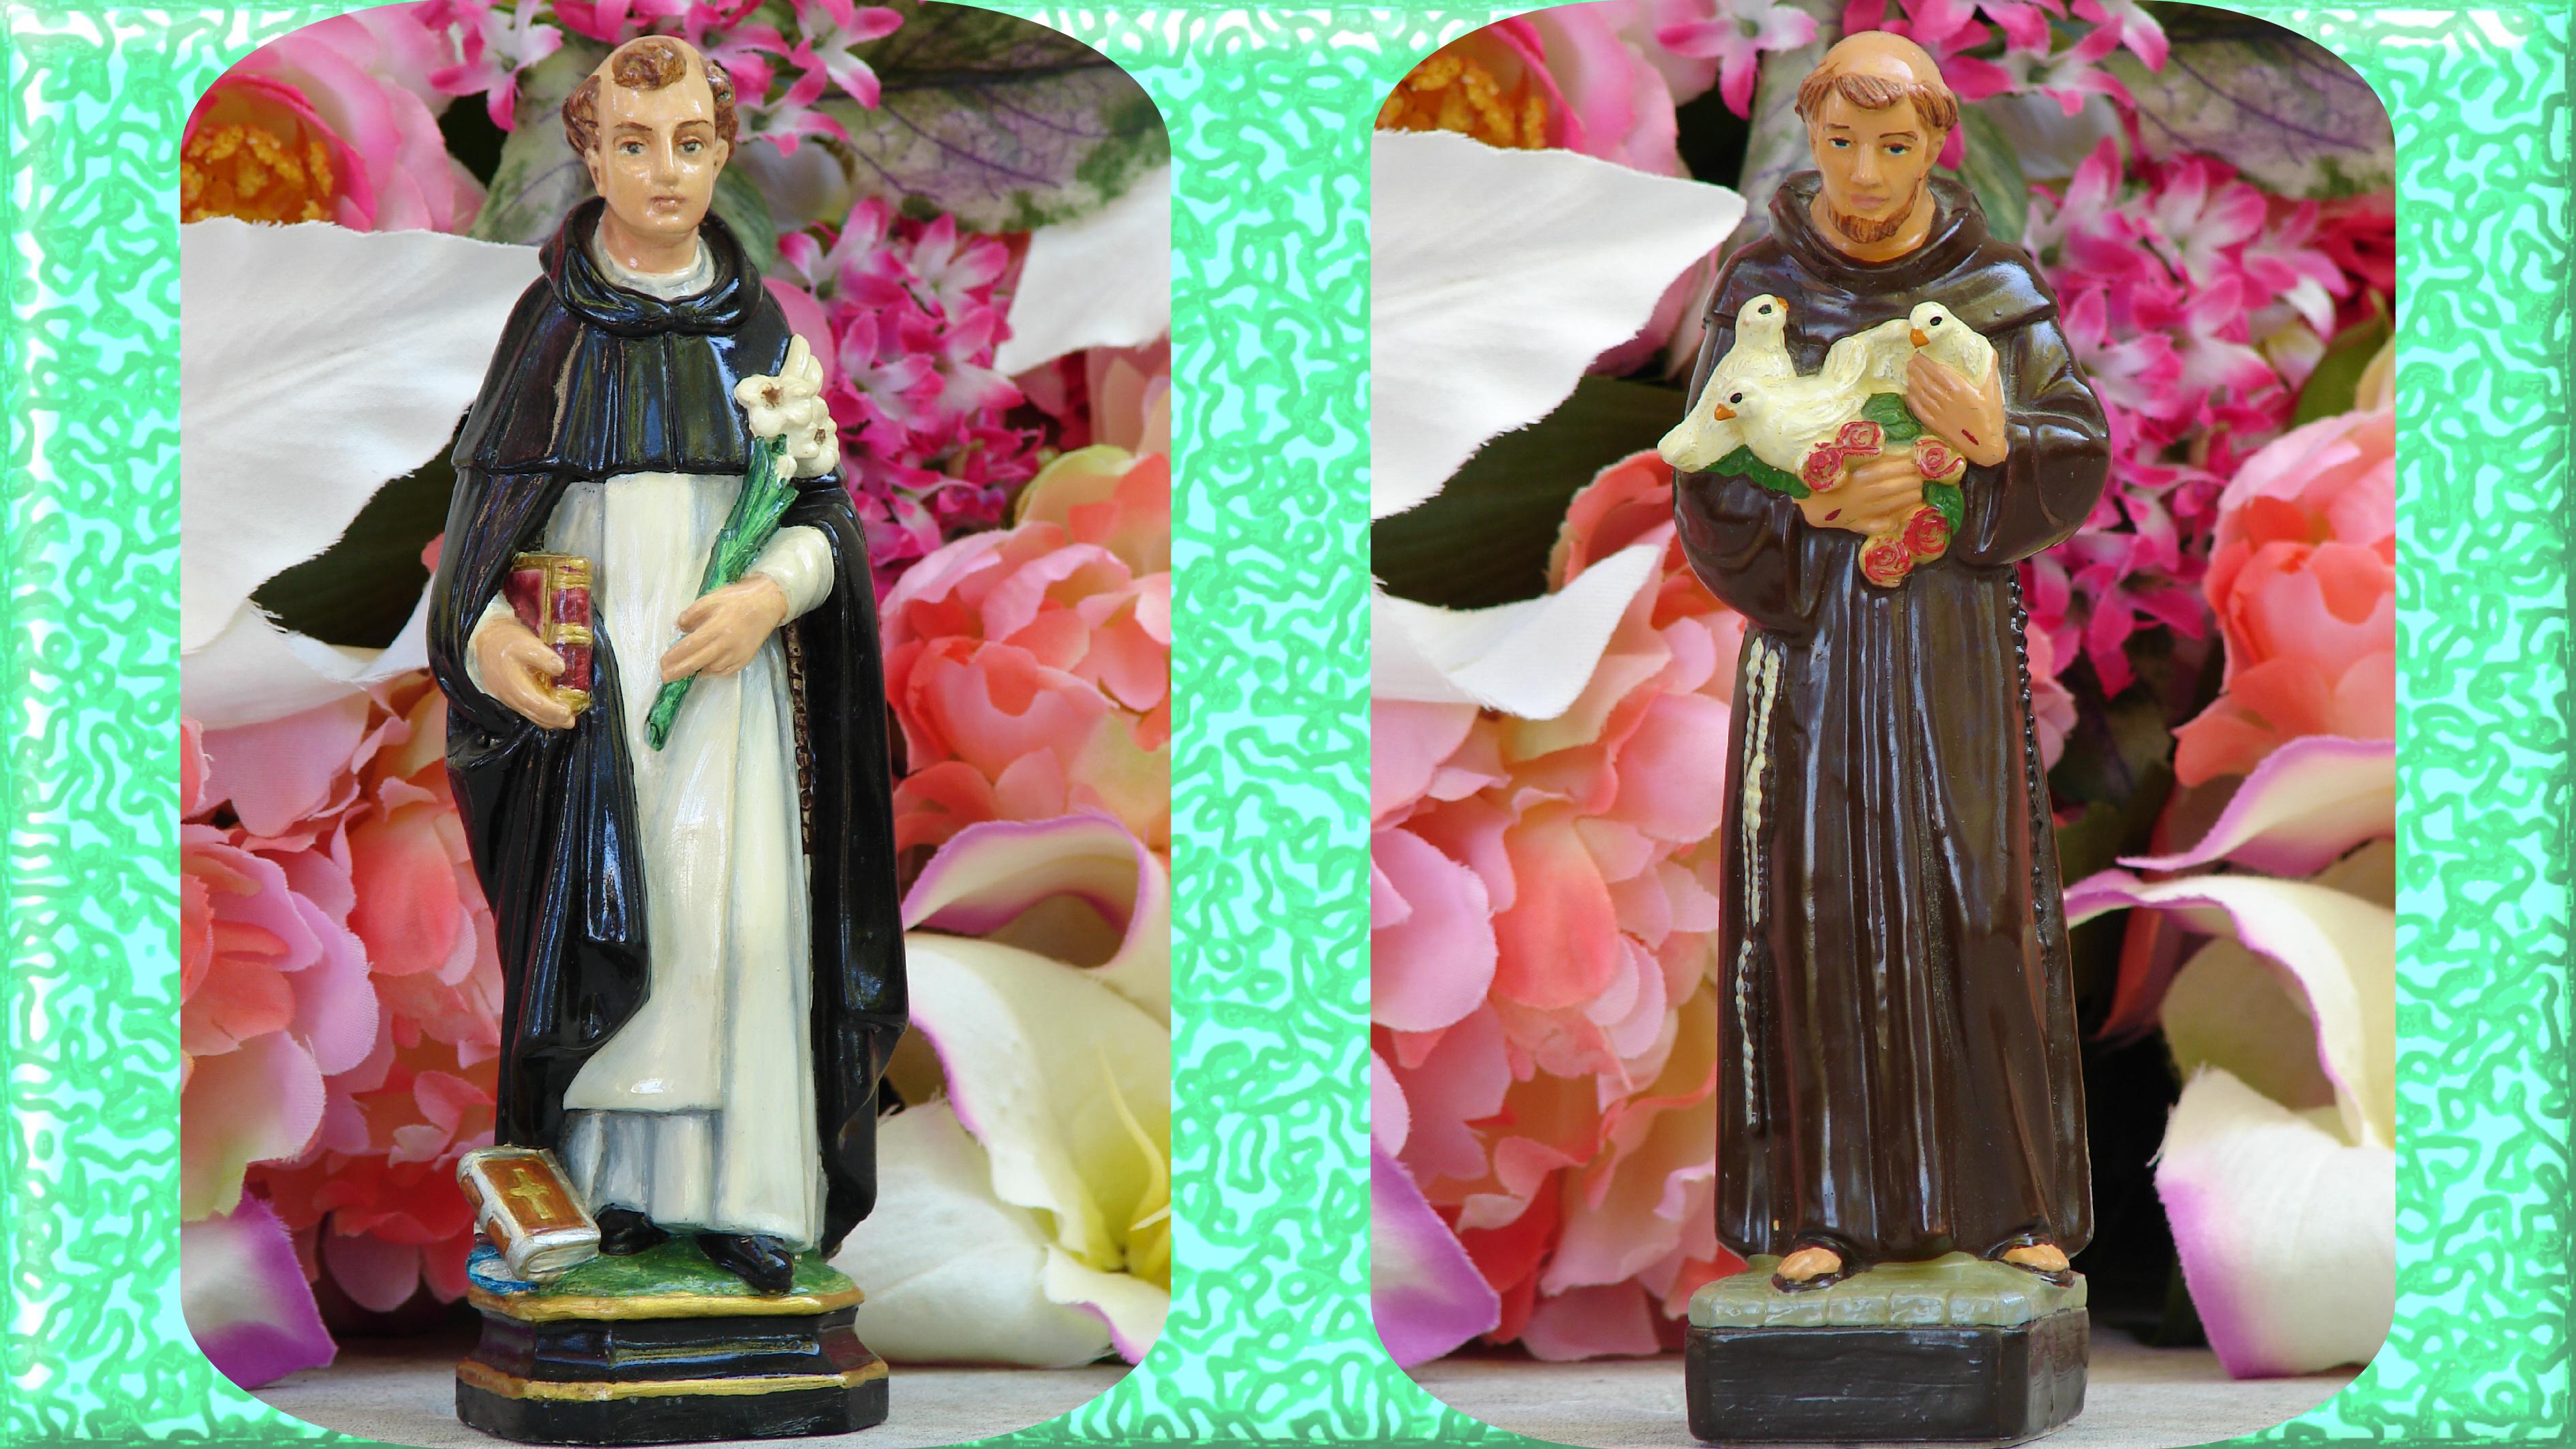 CALENDRIER CATHOLIQUE 2019 (Cantiques, Prières & Images) - Page 5 St-dominique-st-fran-ois-56753c5